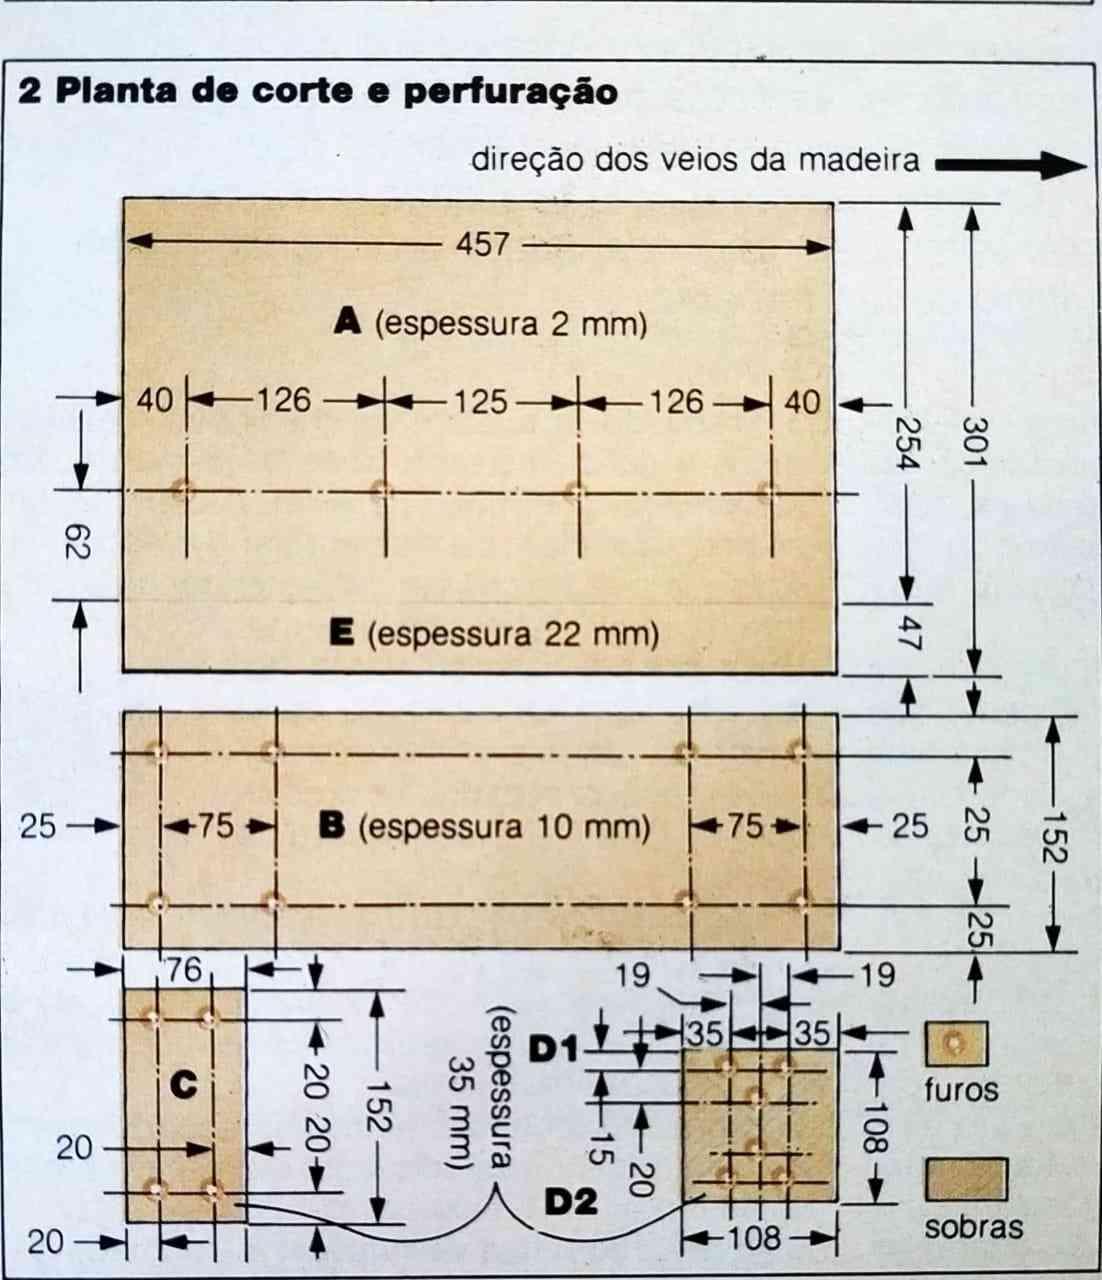 imagem ilustrando a planta de corte do Gabarito para Esquadrias